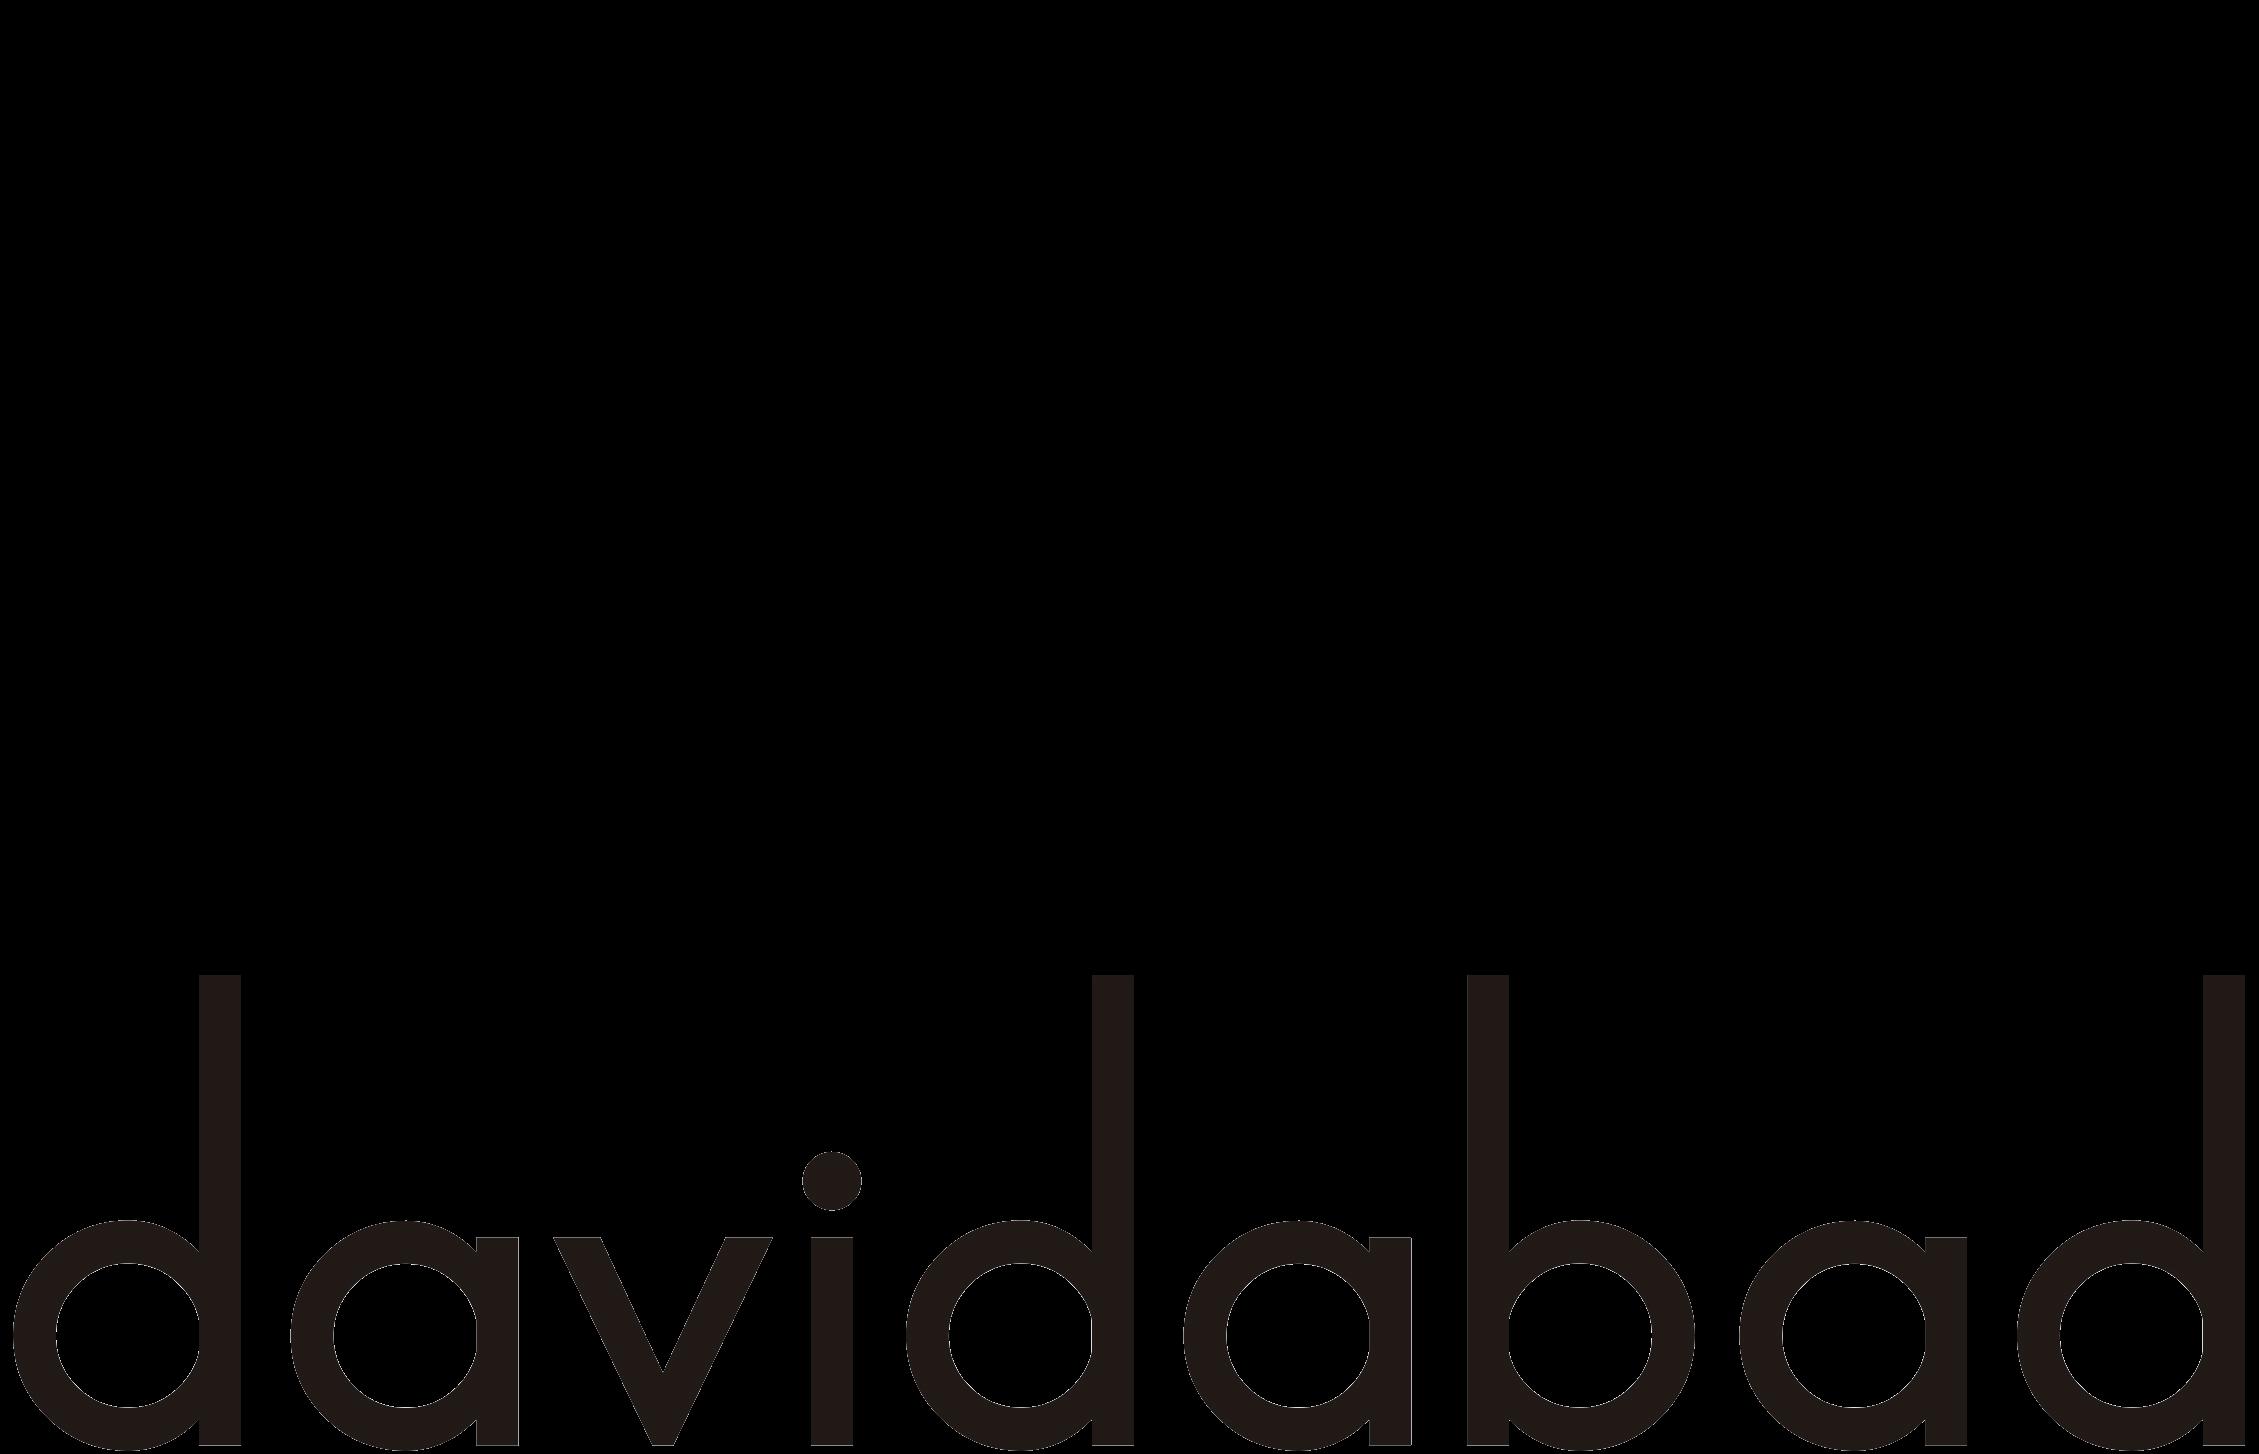 davidabad